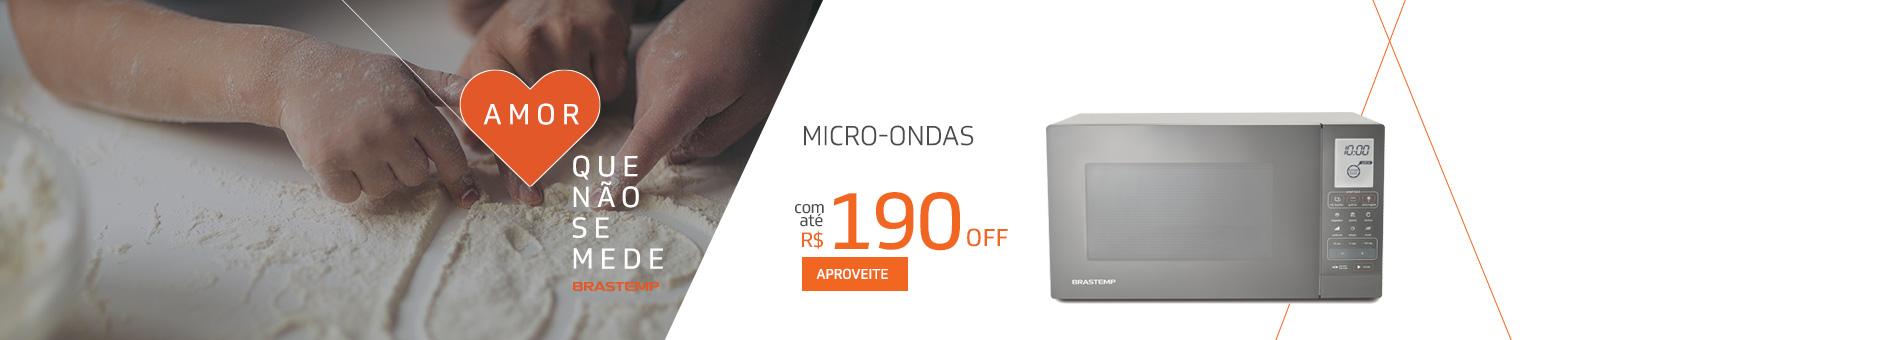 Promoção Interna - 1767 - maes2_micro-preço_27042017_home7 - micro-preço - 7